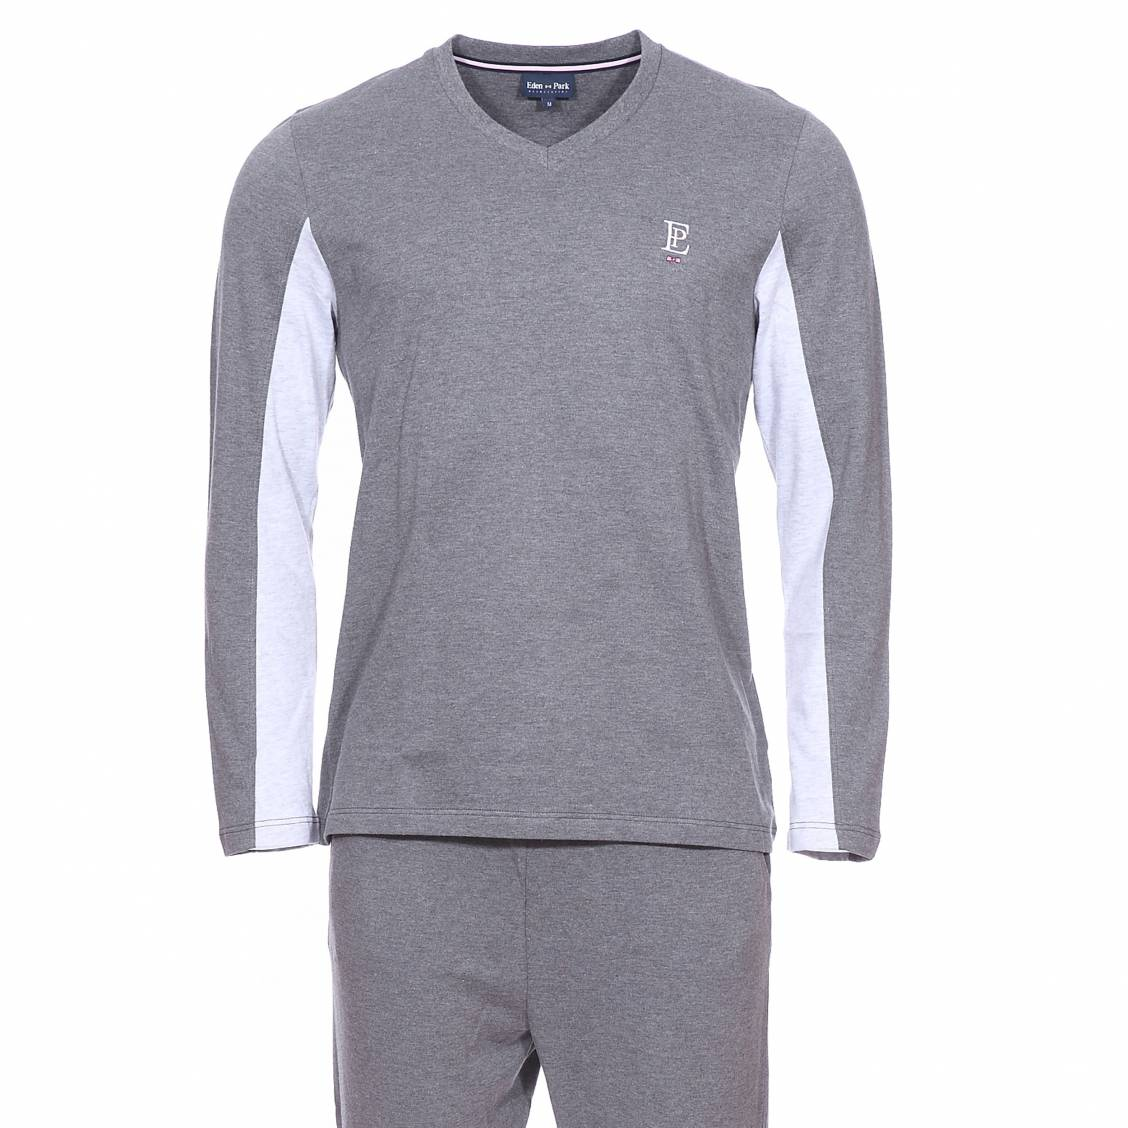 Pyjama long  en coton : tee-shirt manches longues col v gris foncé, manches à bandes bleu ciel, pantalon gris foncé